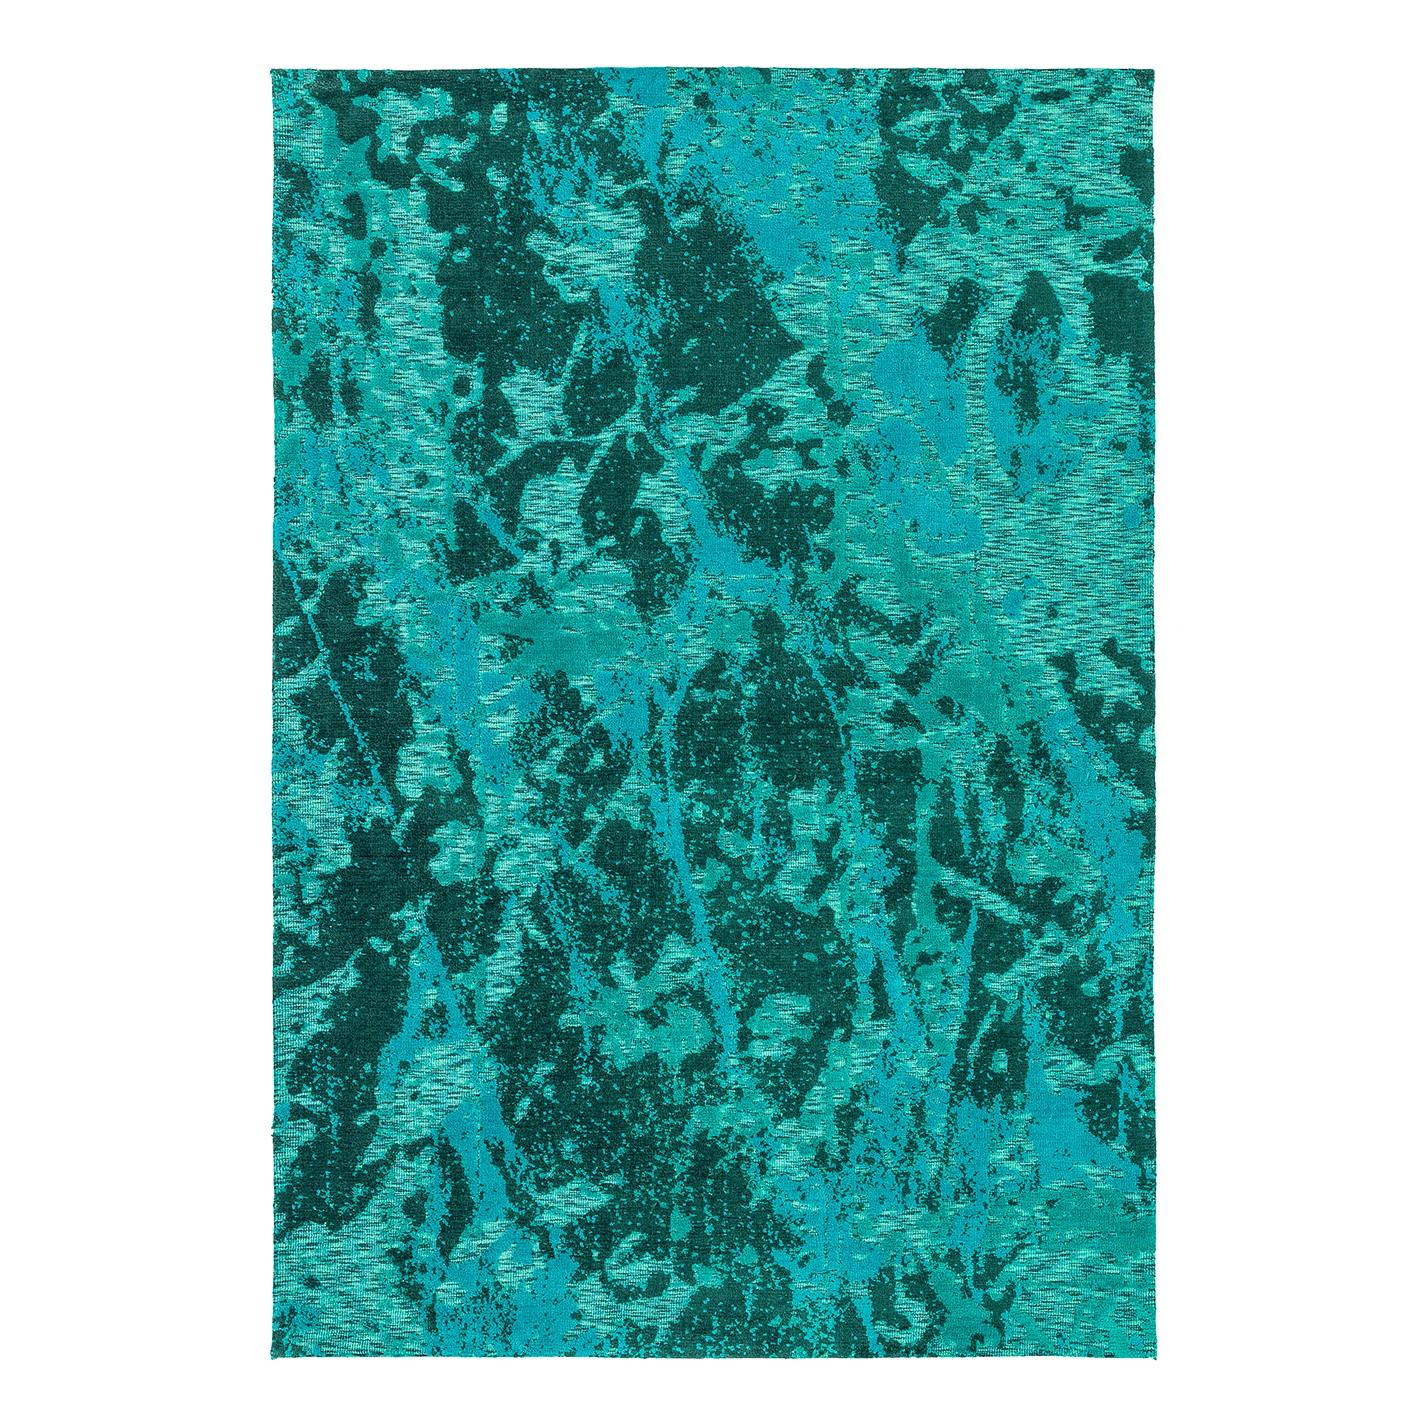 Vloerkleed Teramo II - kunstvezel - Turquoise - 140x200cm, Astra